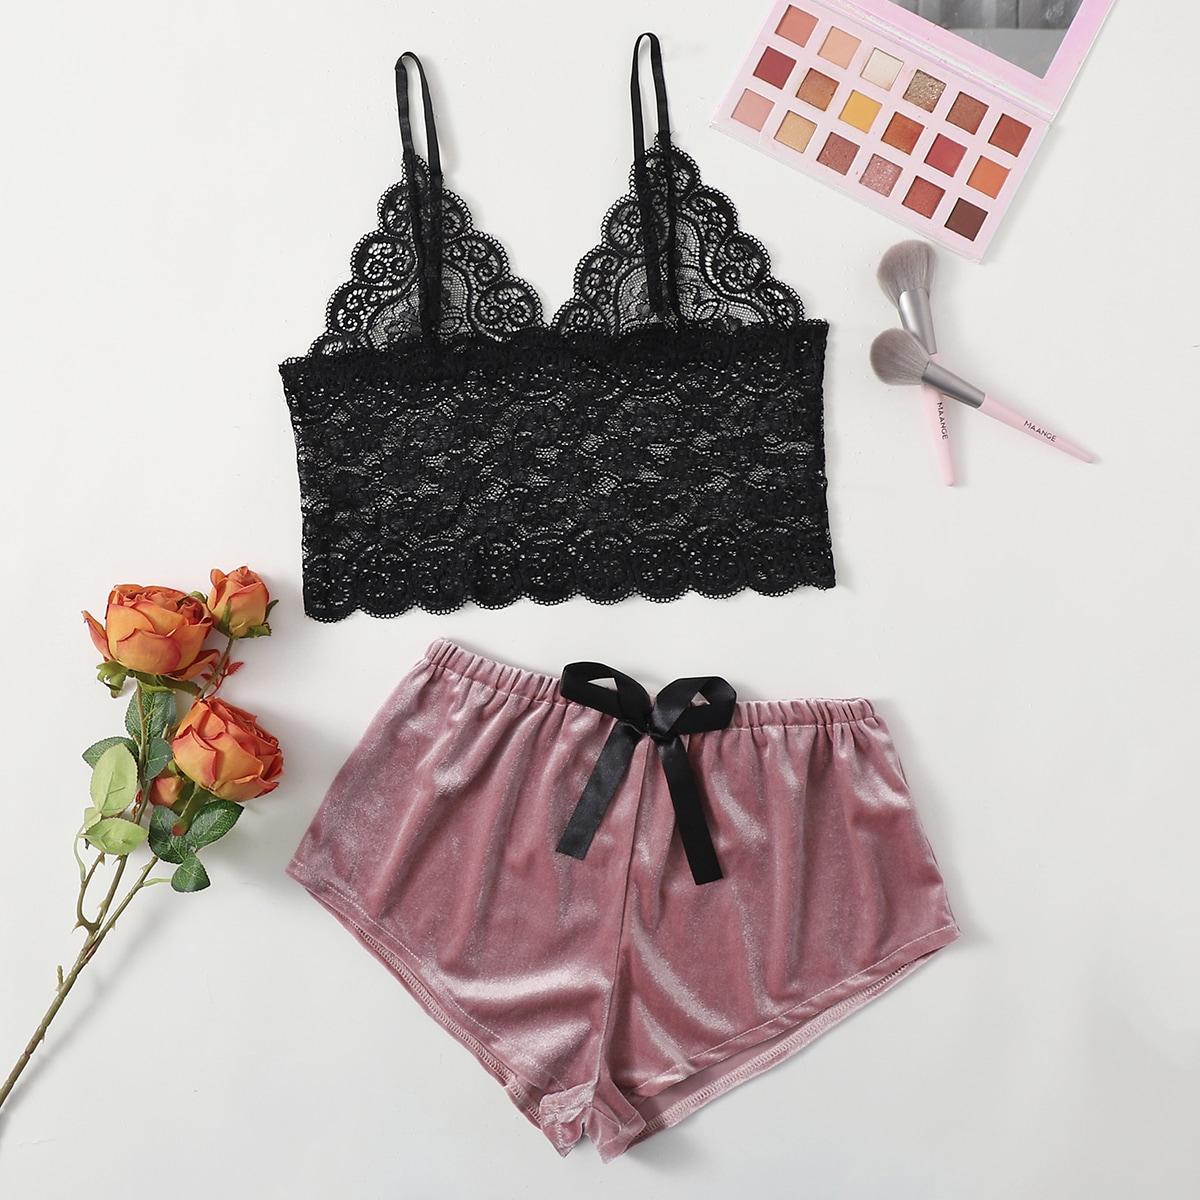 Контрастные кружева Цвет блок мода Романтический Сексуально-женское белье по цене 460